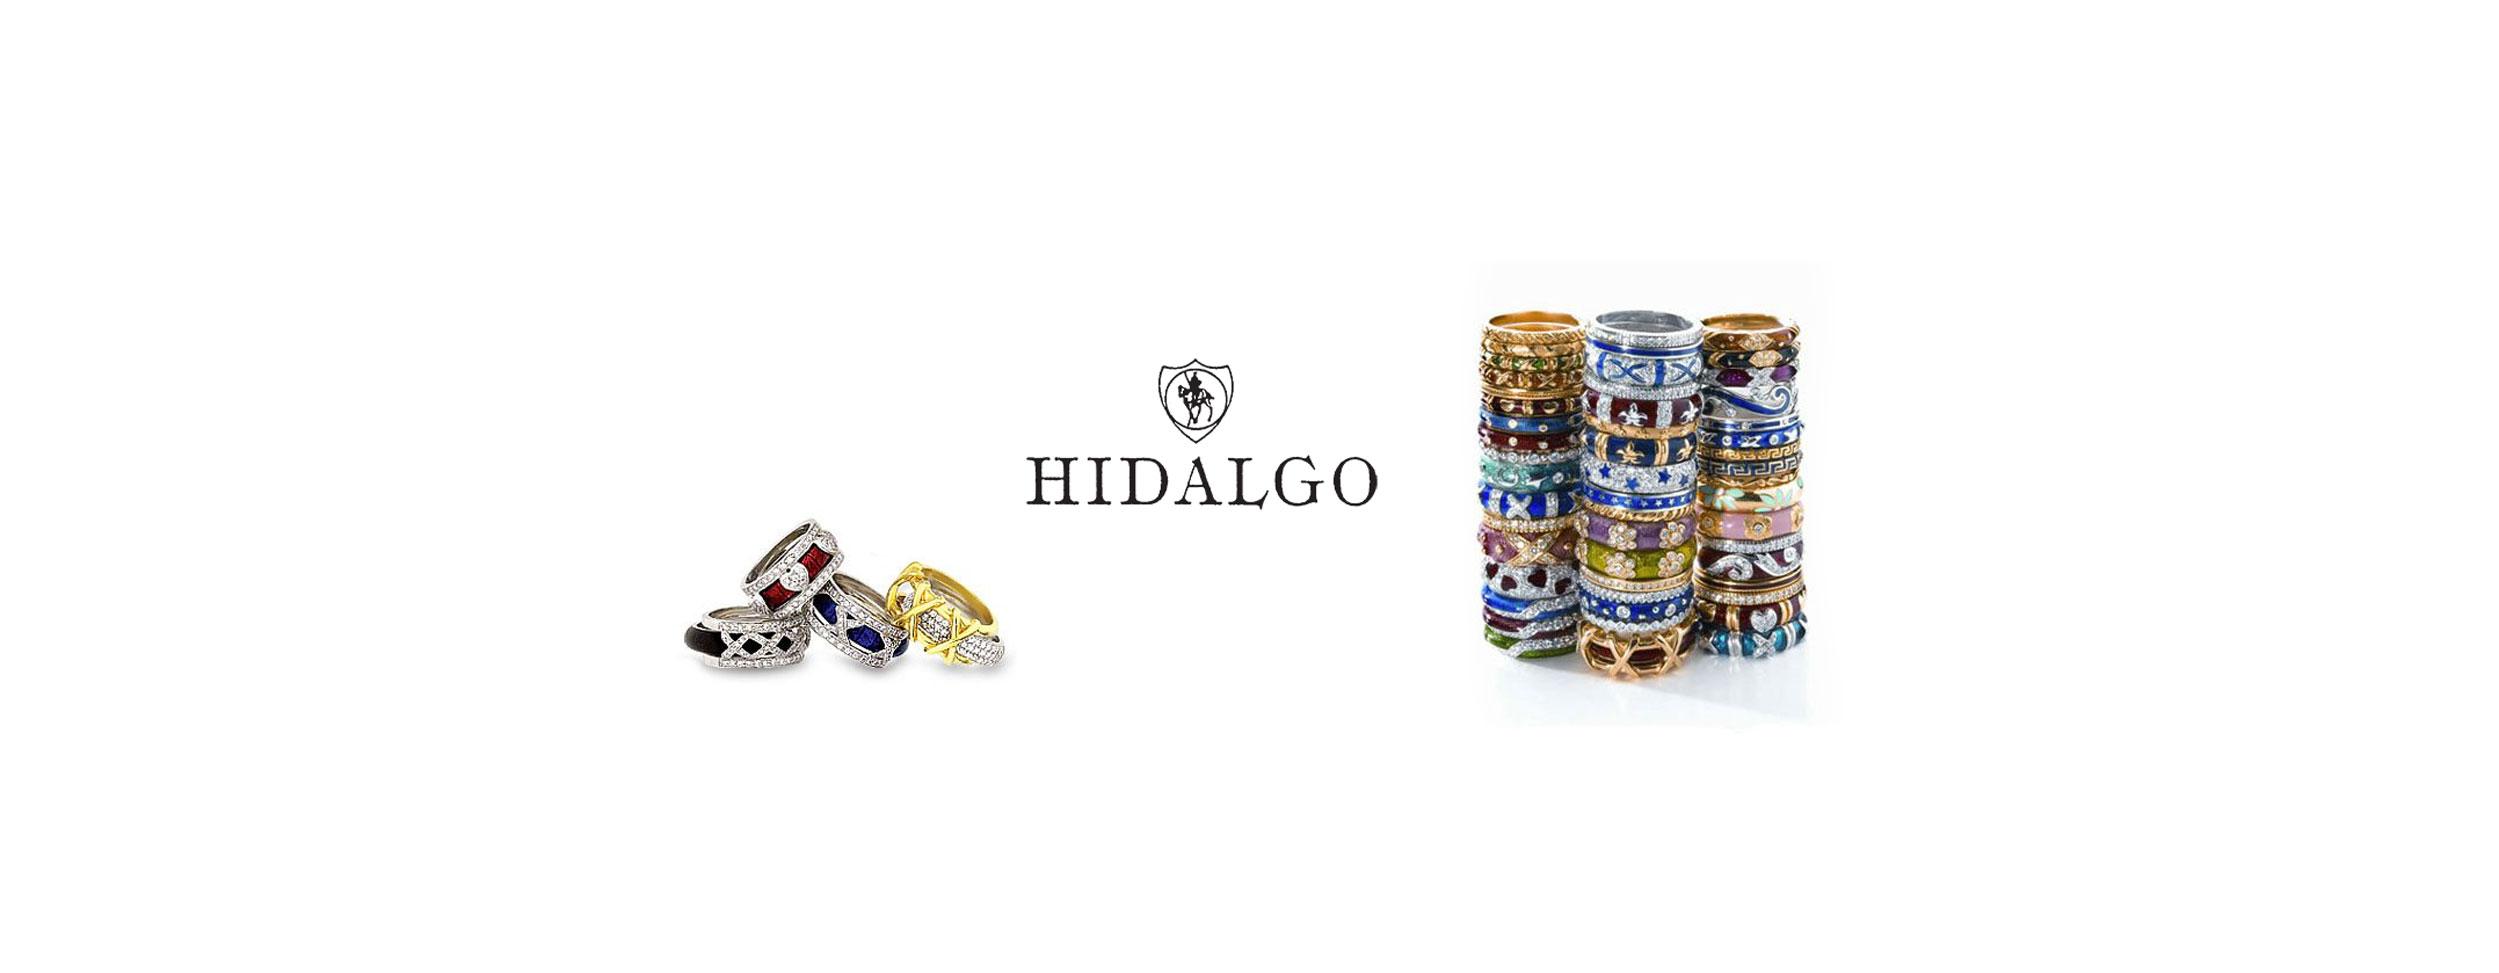 hidalgo rings